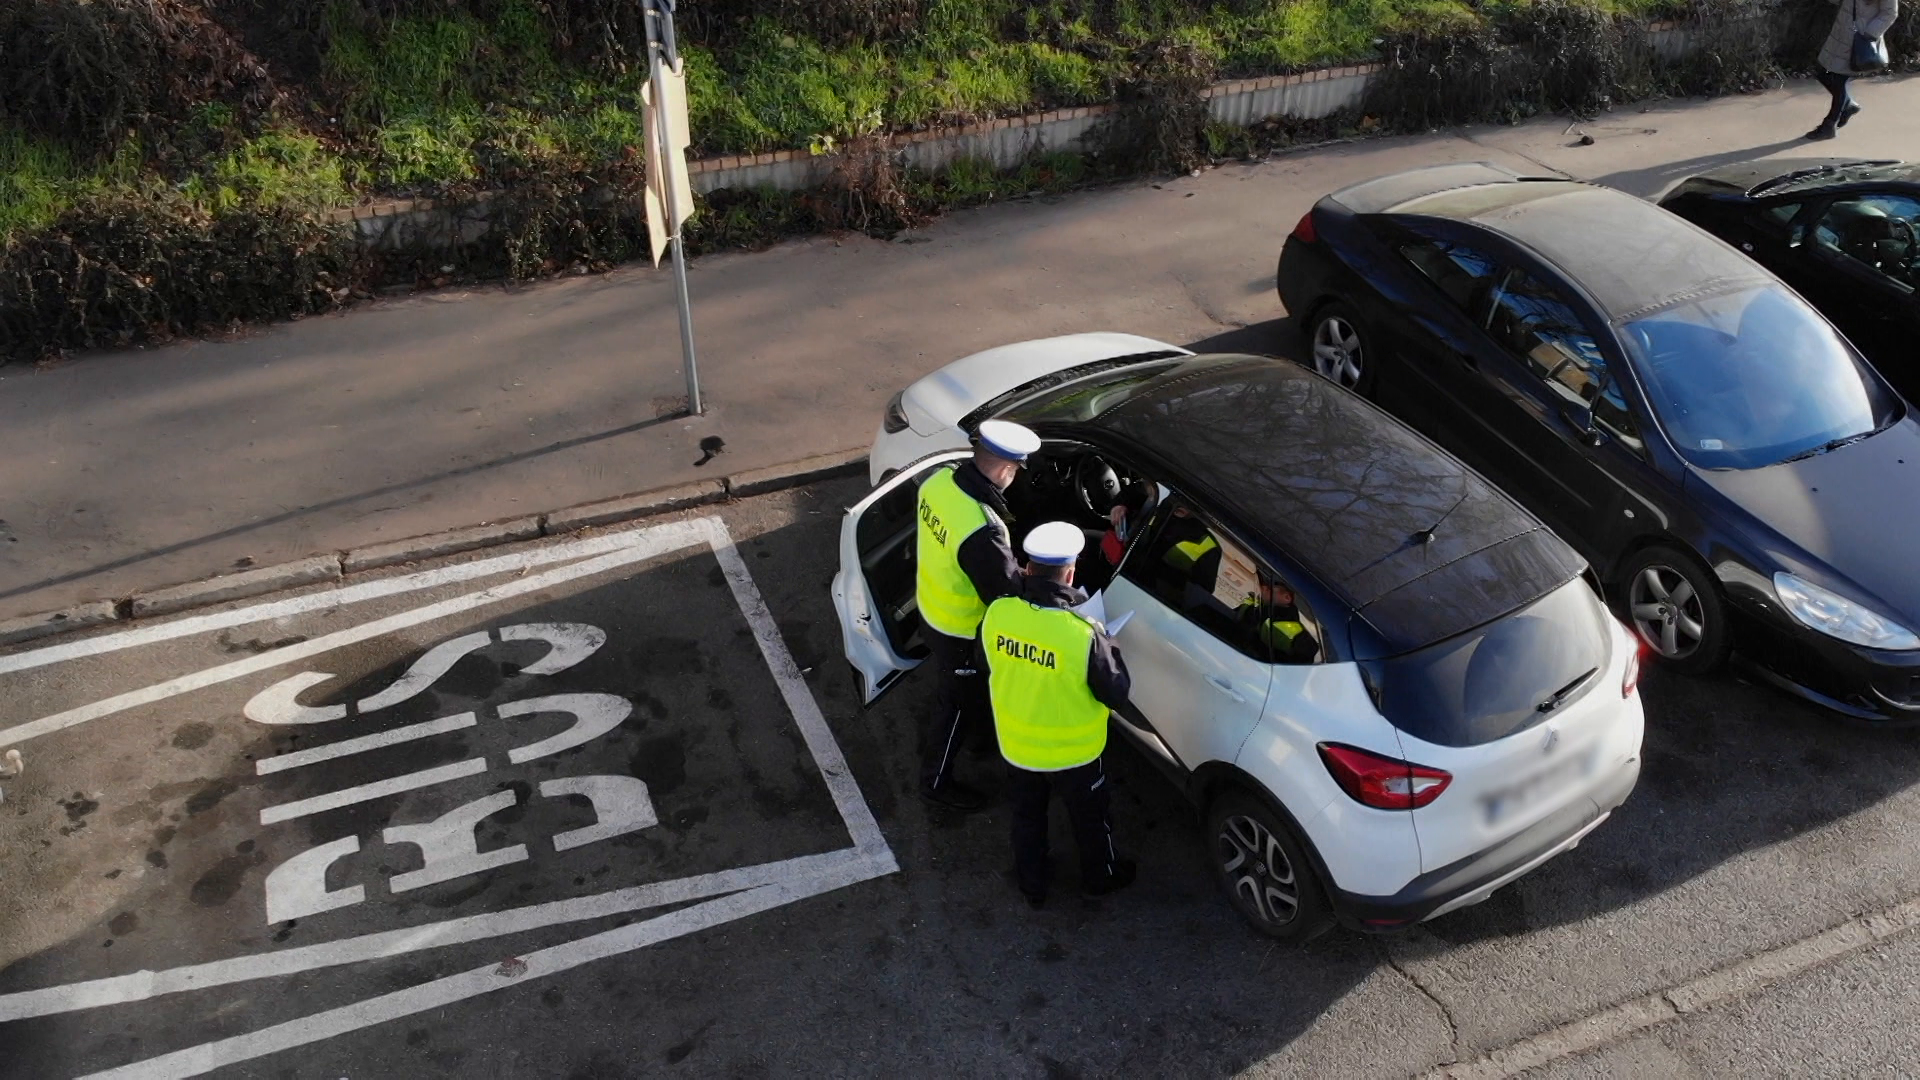 Nowe przepisy i błędy. Kontrole drogowe z dodatkowym obowiązkiem